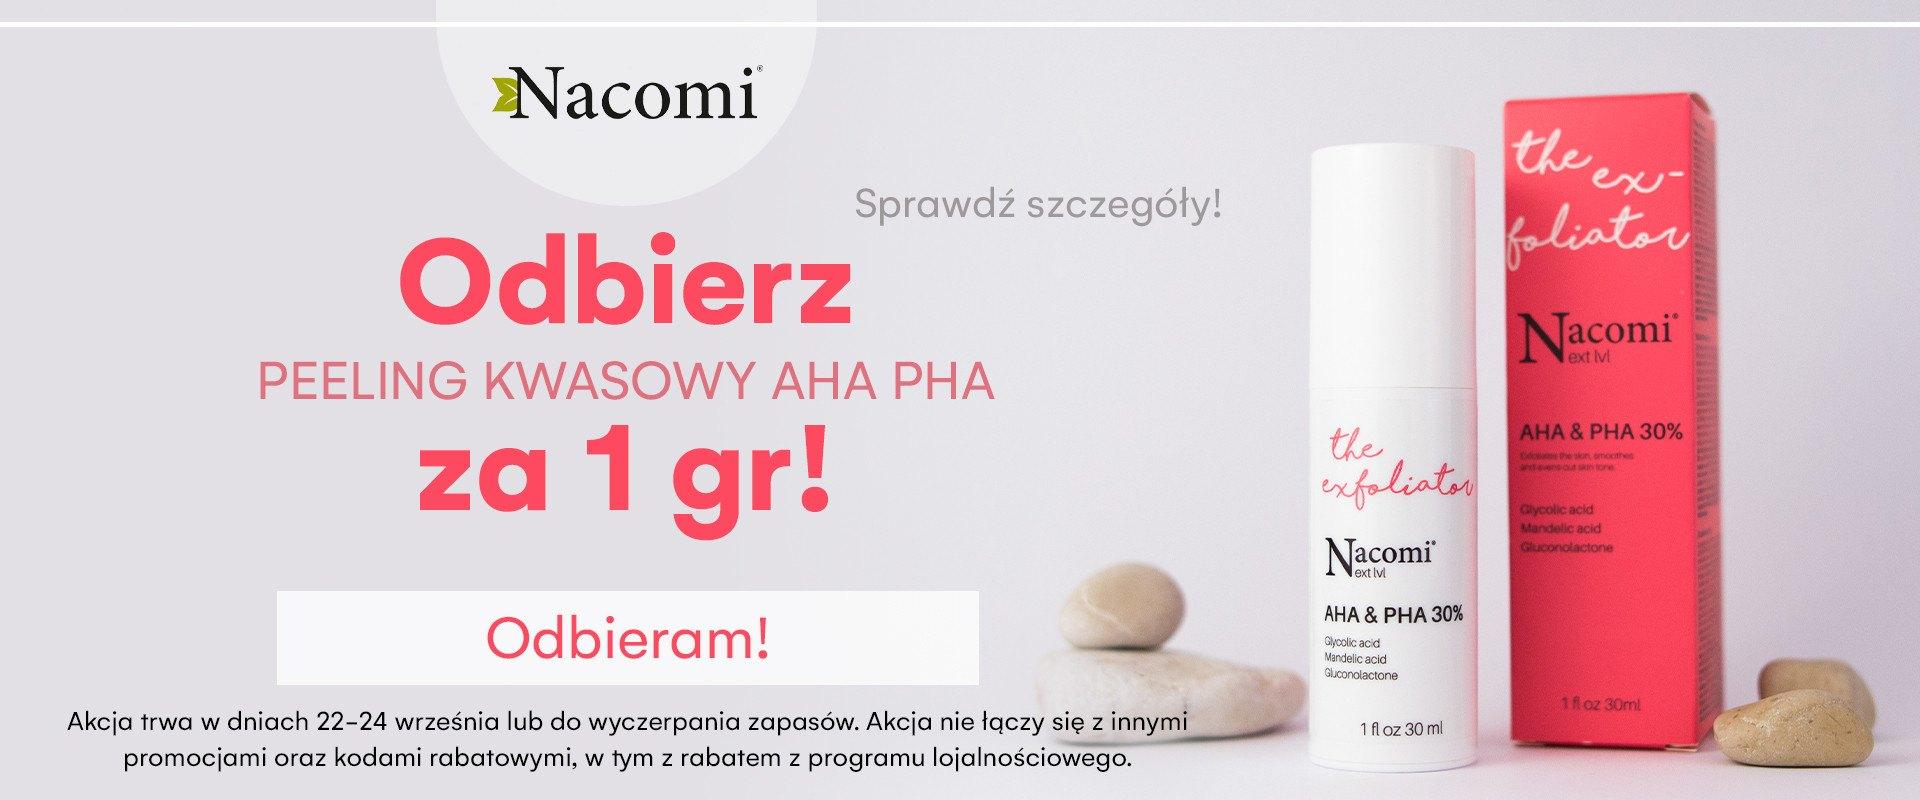 https://drogeriapigment.pl/content/120-prezent-od-nacomi